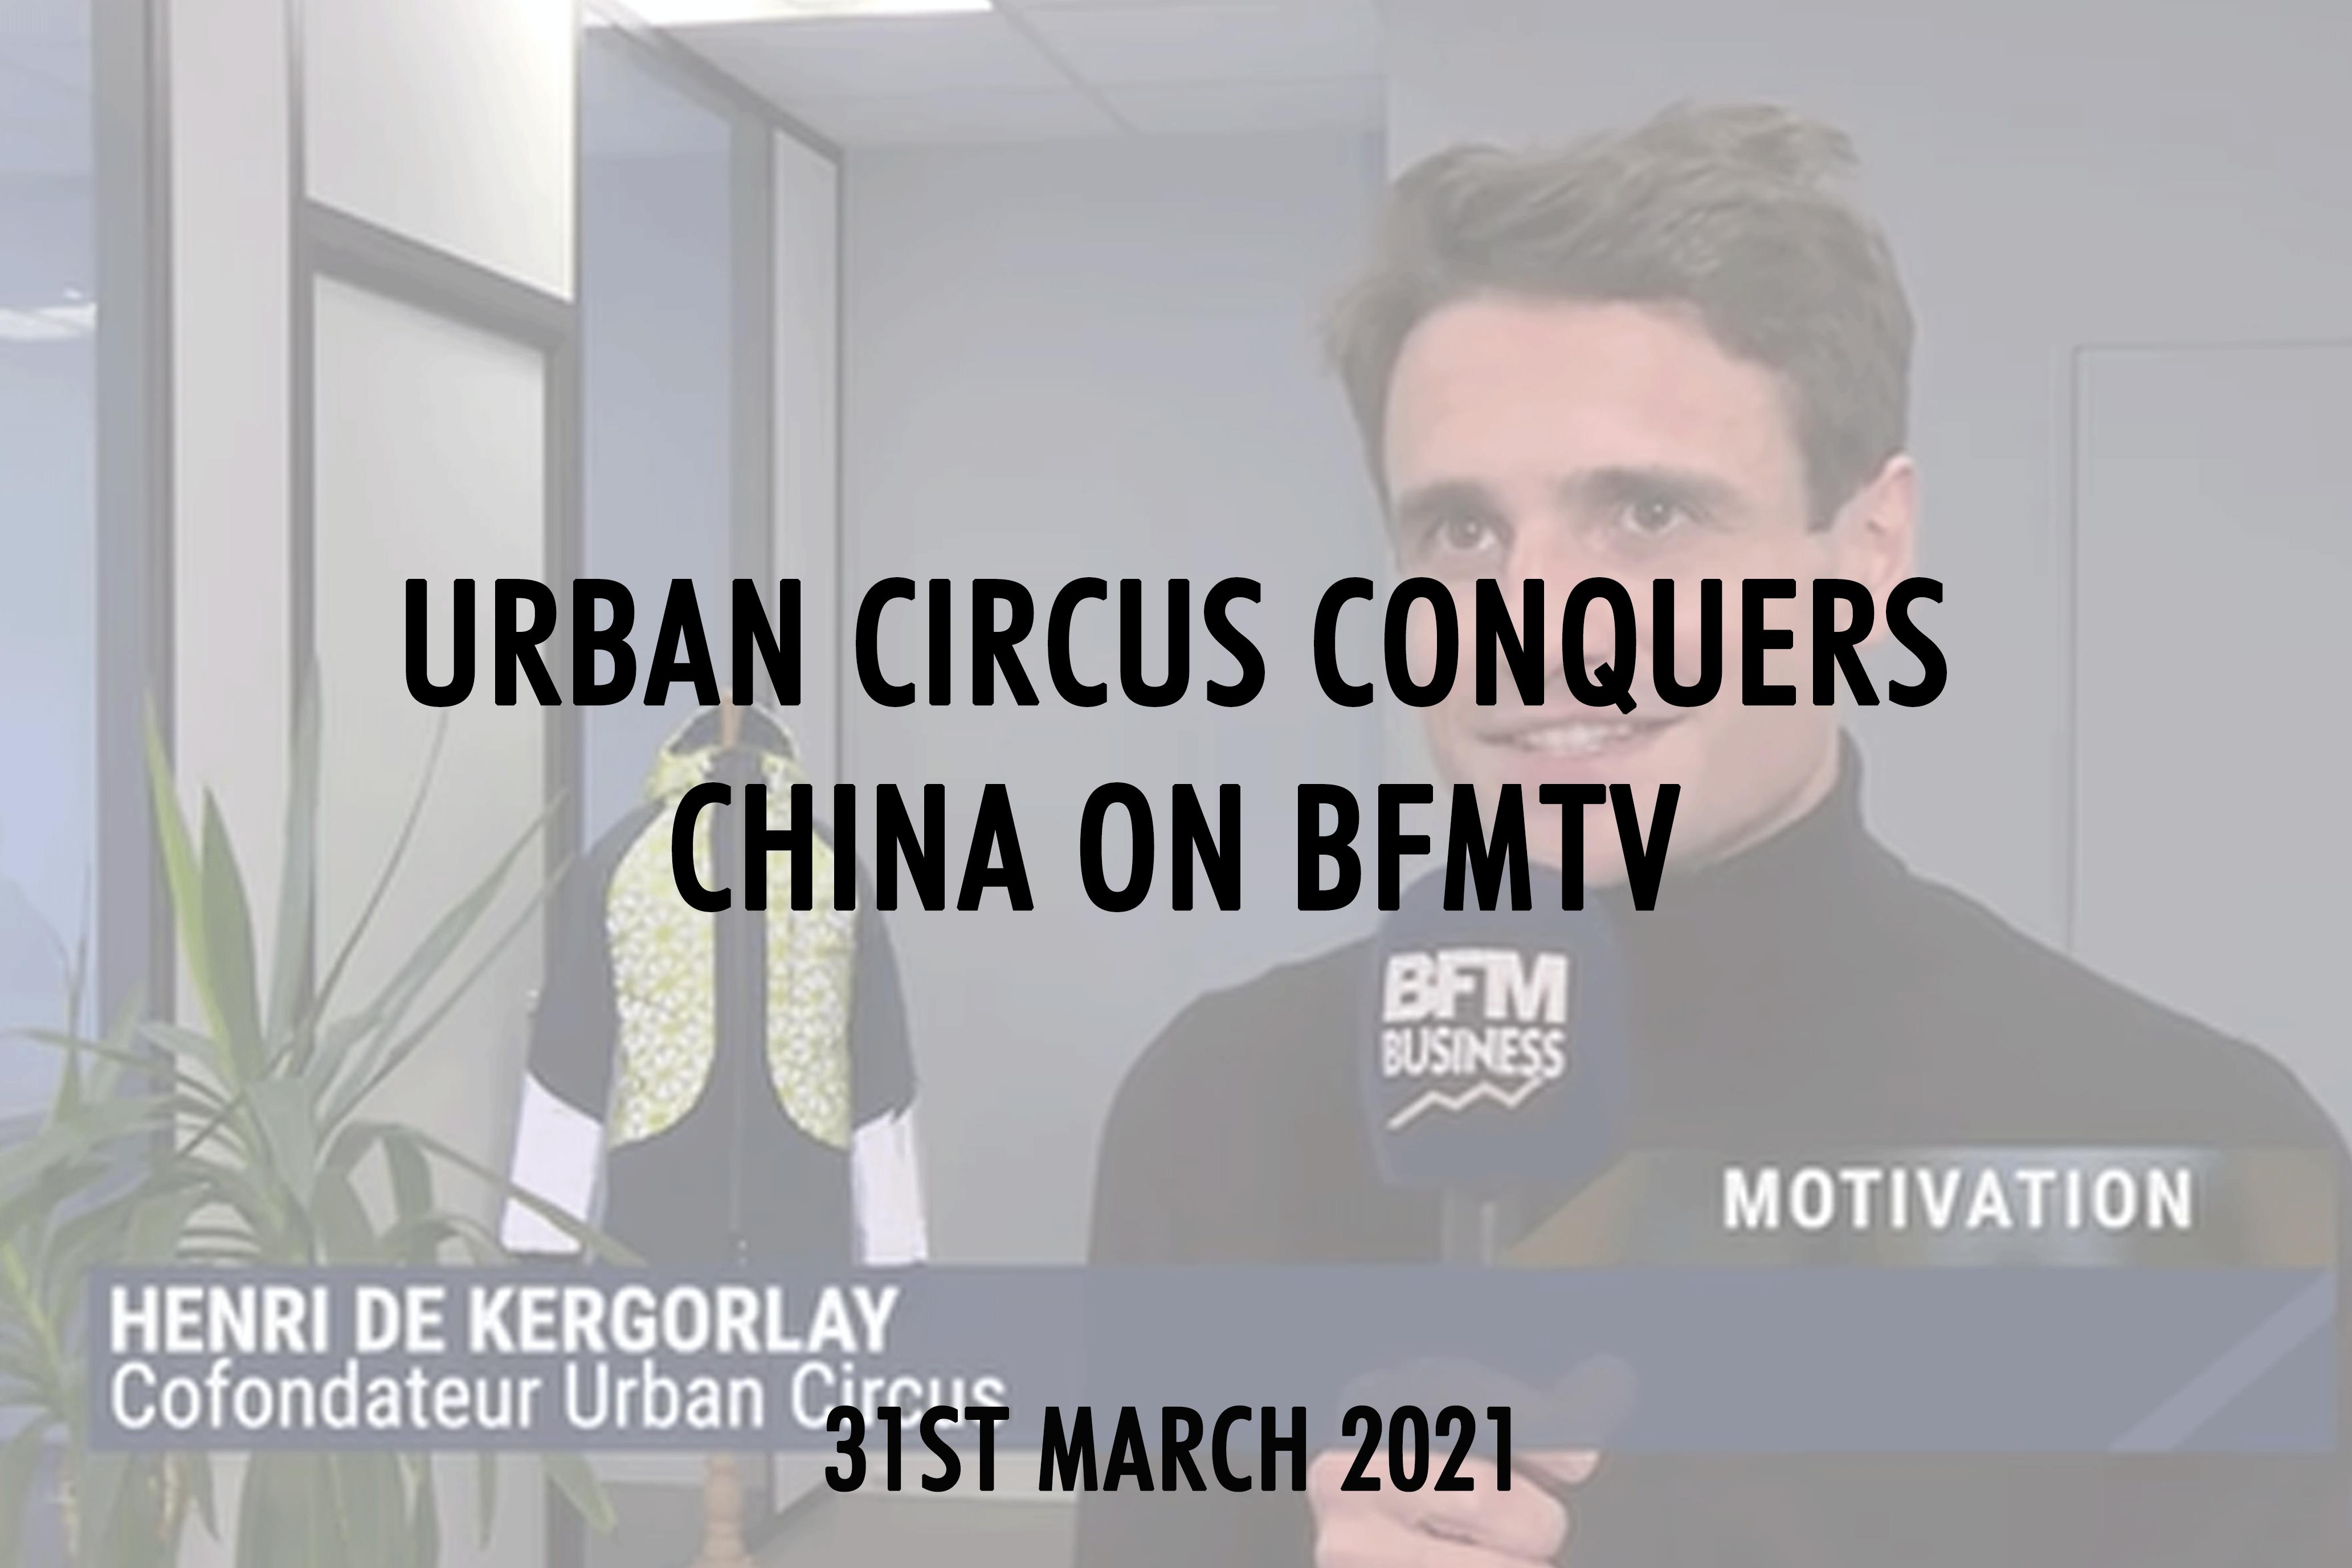 urban-circus-conquers-china-bfmtv-maisons-de-mode